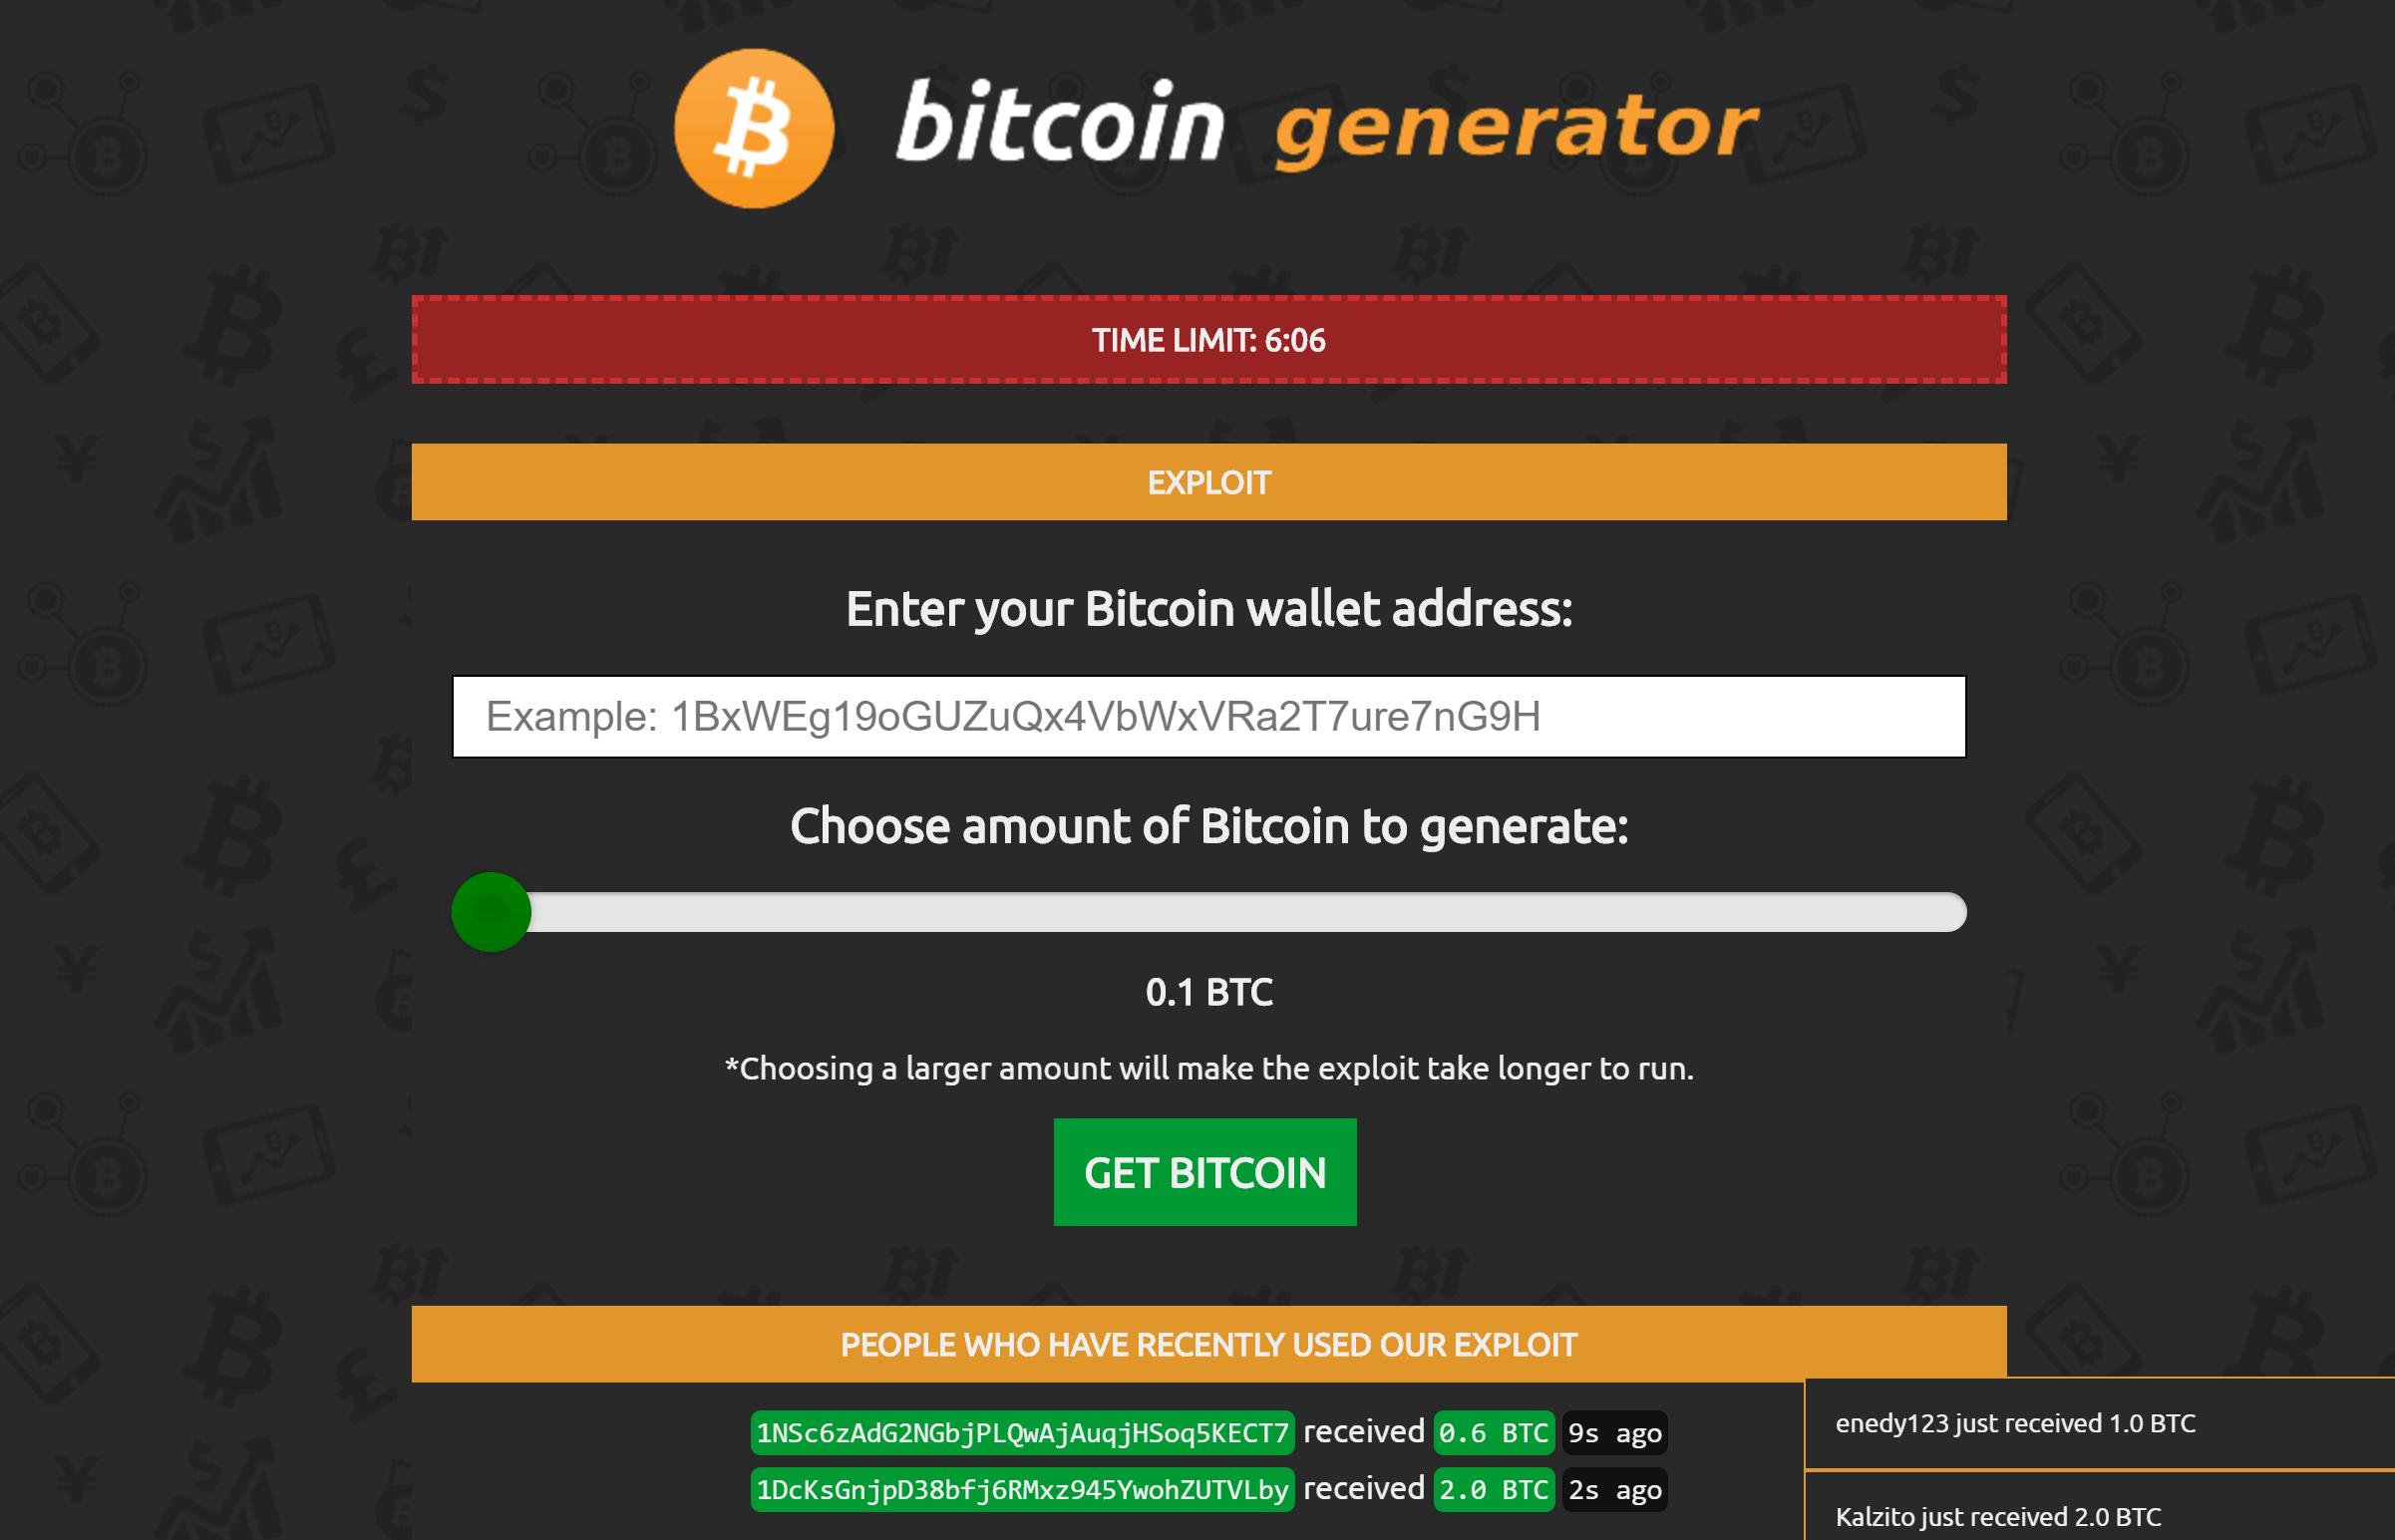 Funktioniert Bitcoin Generator wirklich?